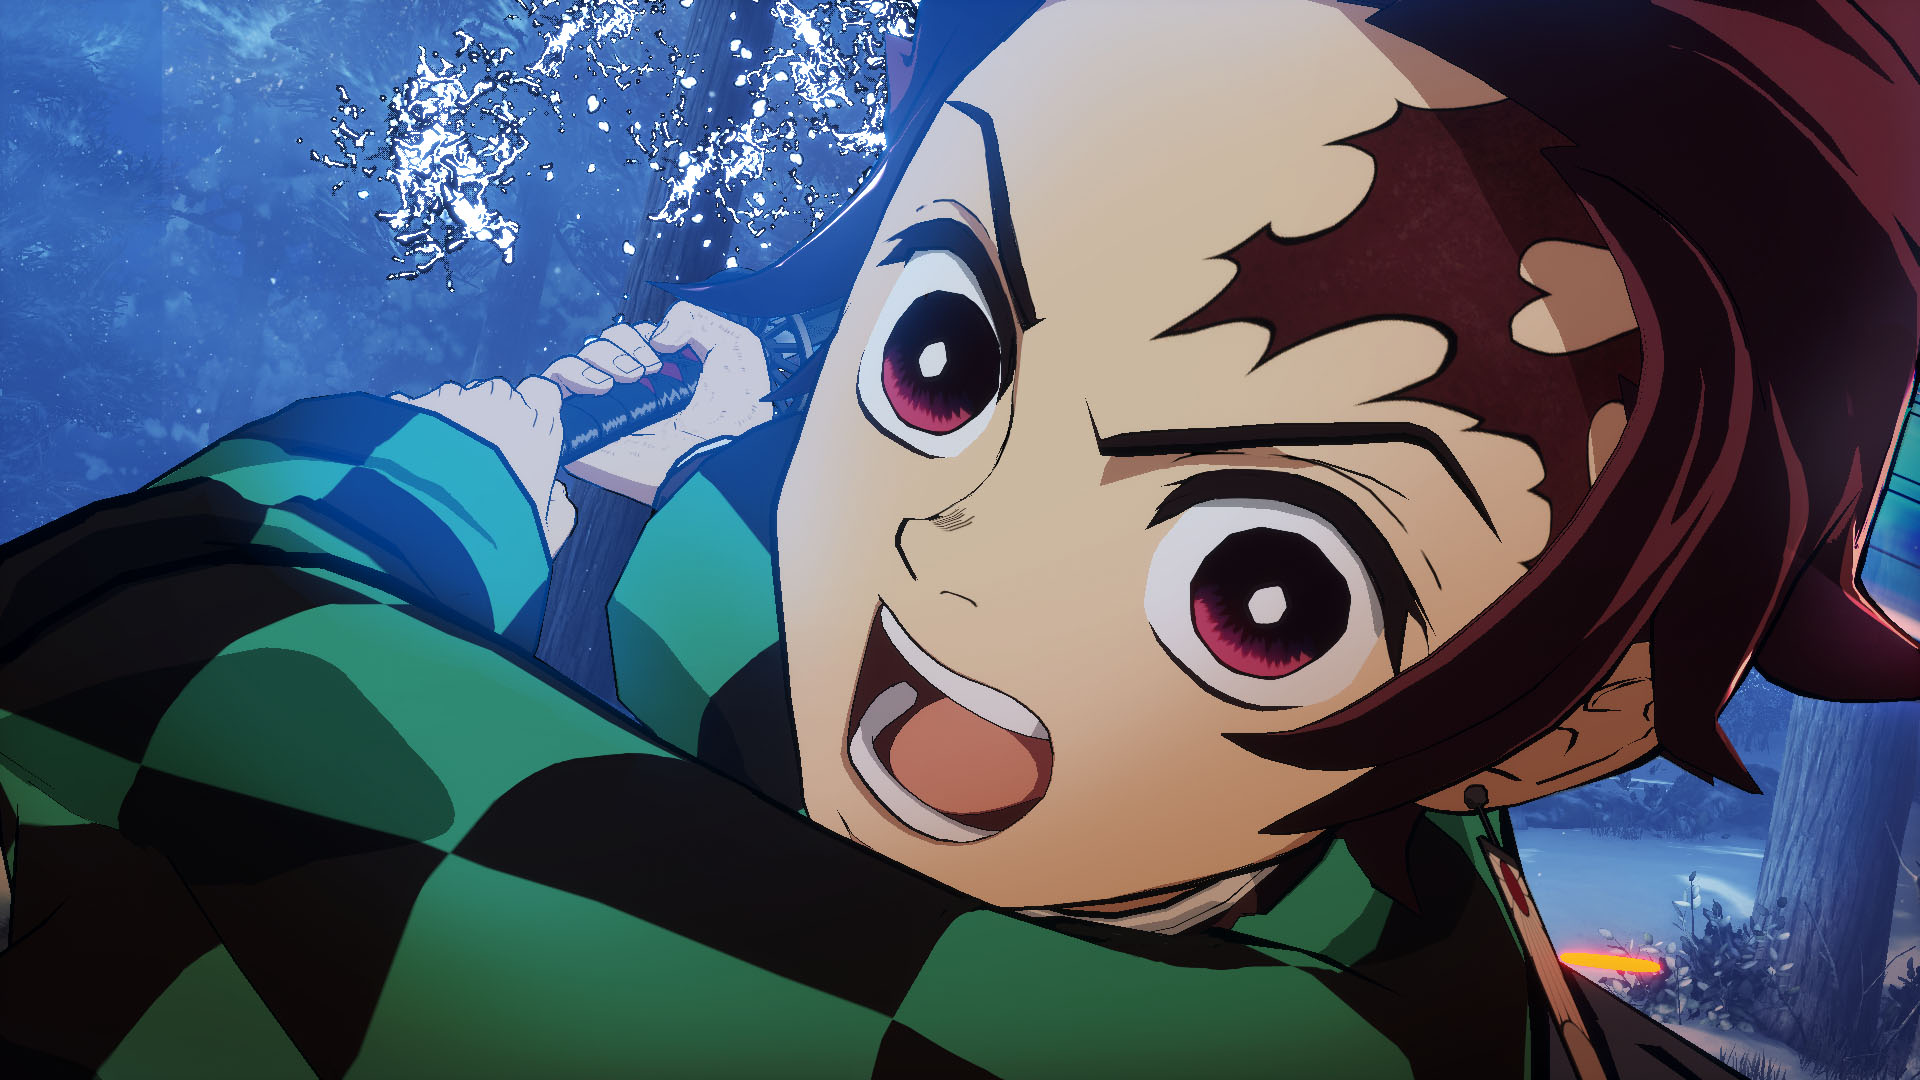 Kimetsu no Yaiba 822021 4